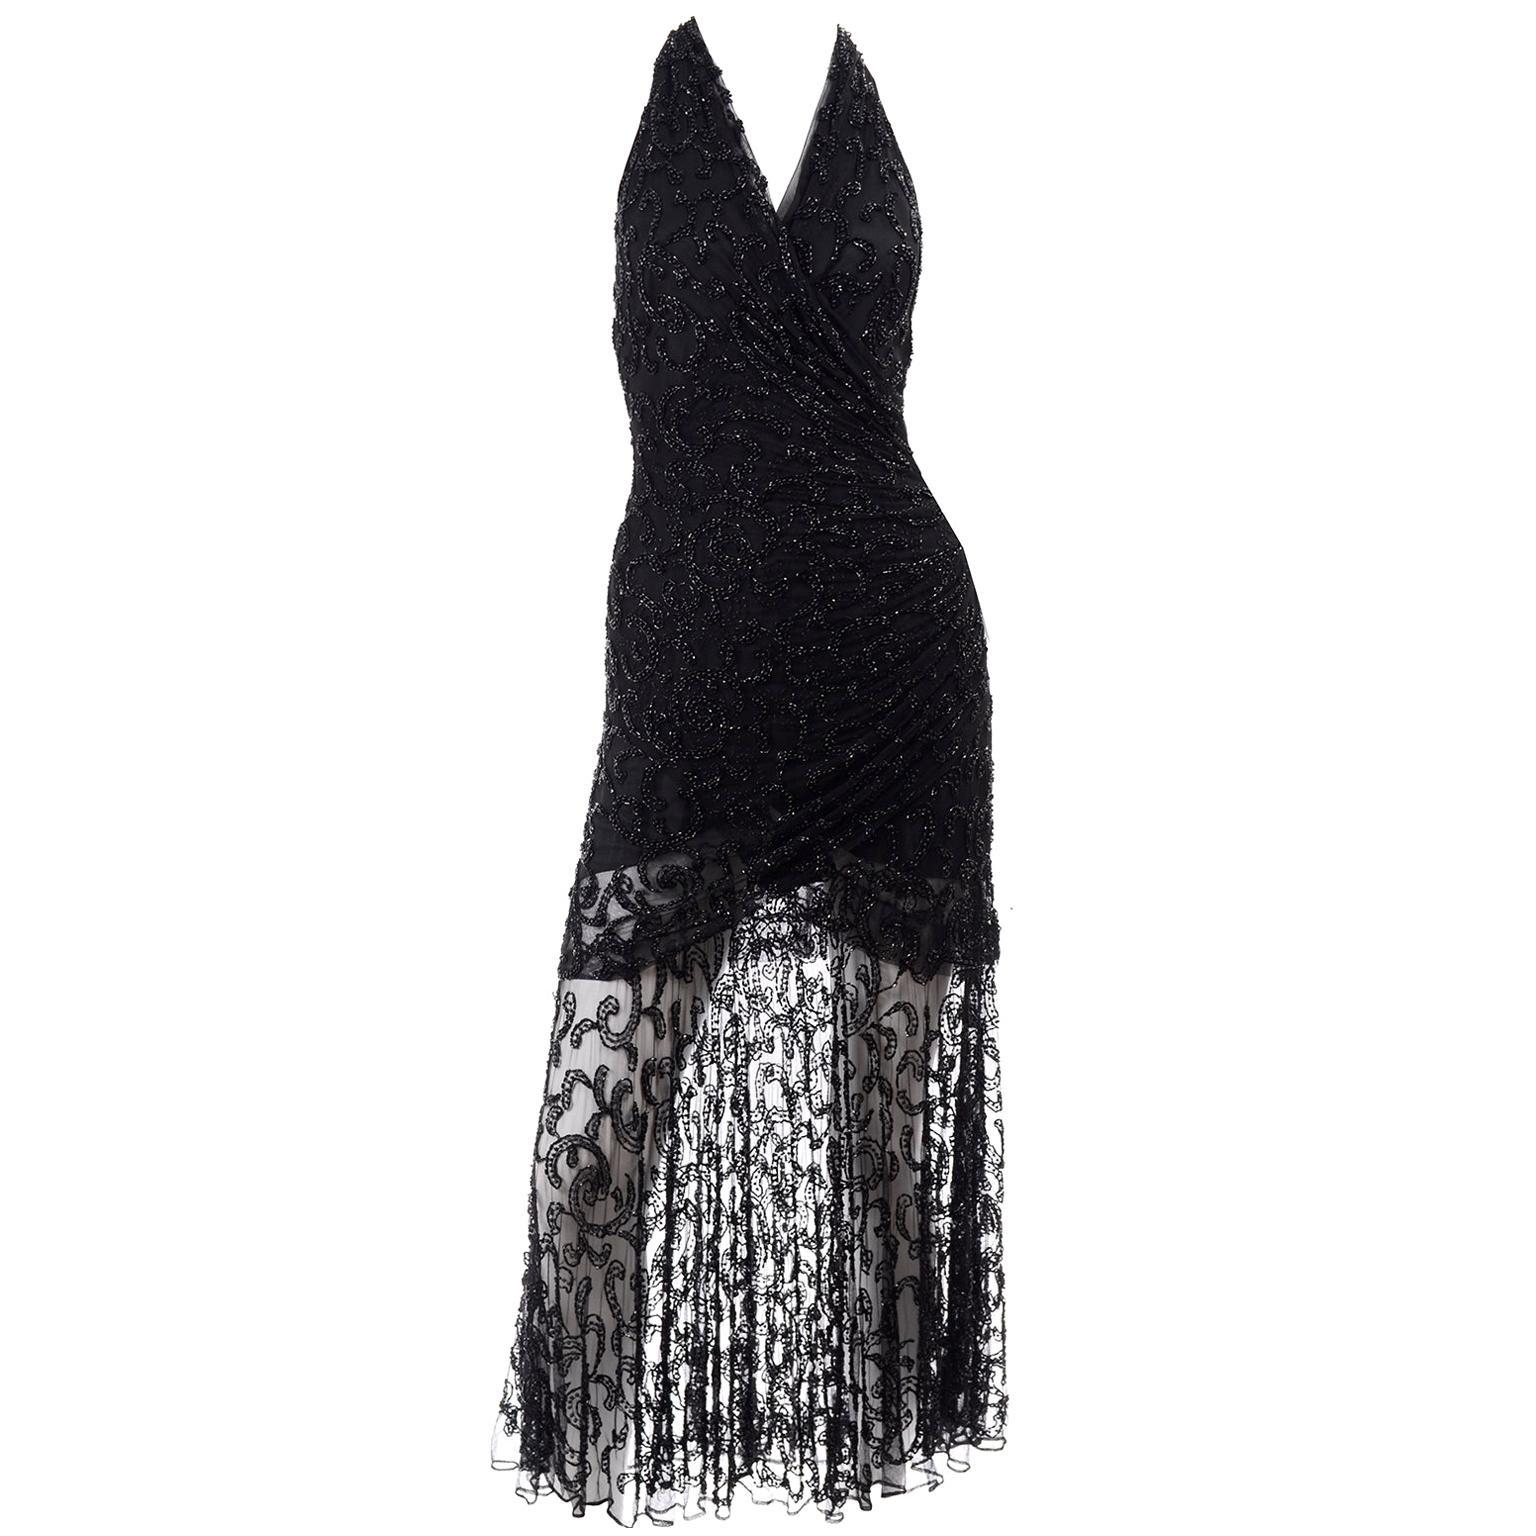 Vintage 1990s Carmen Marc Valvo Beaded Dress With Sheer Skirt